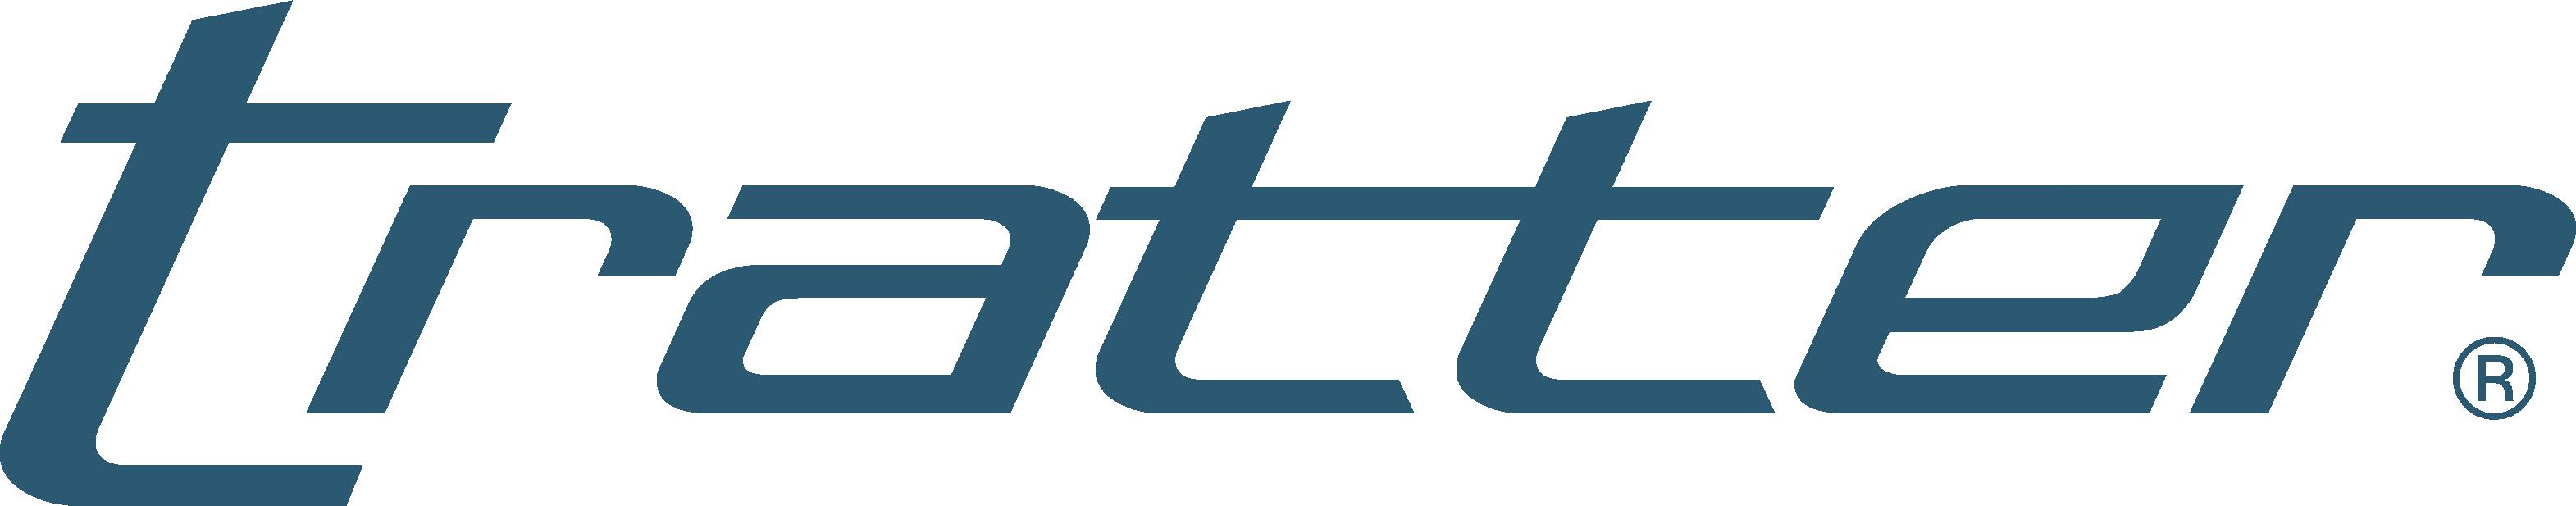 https://trattereng.com/de/